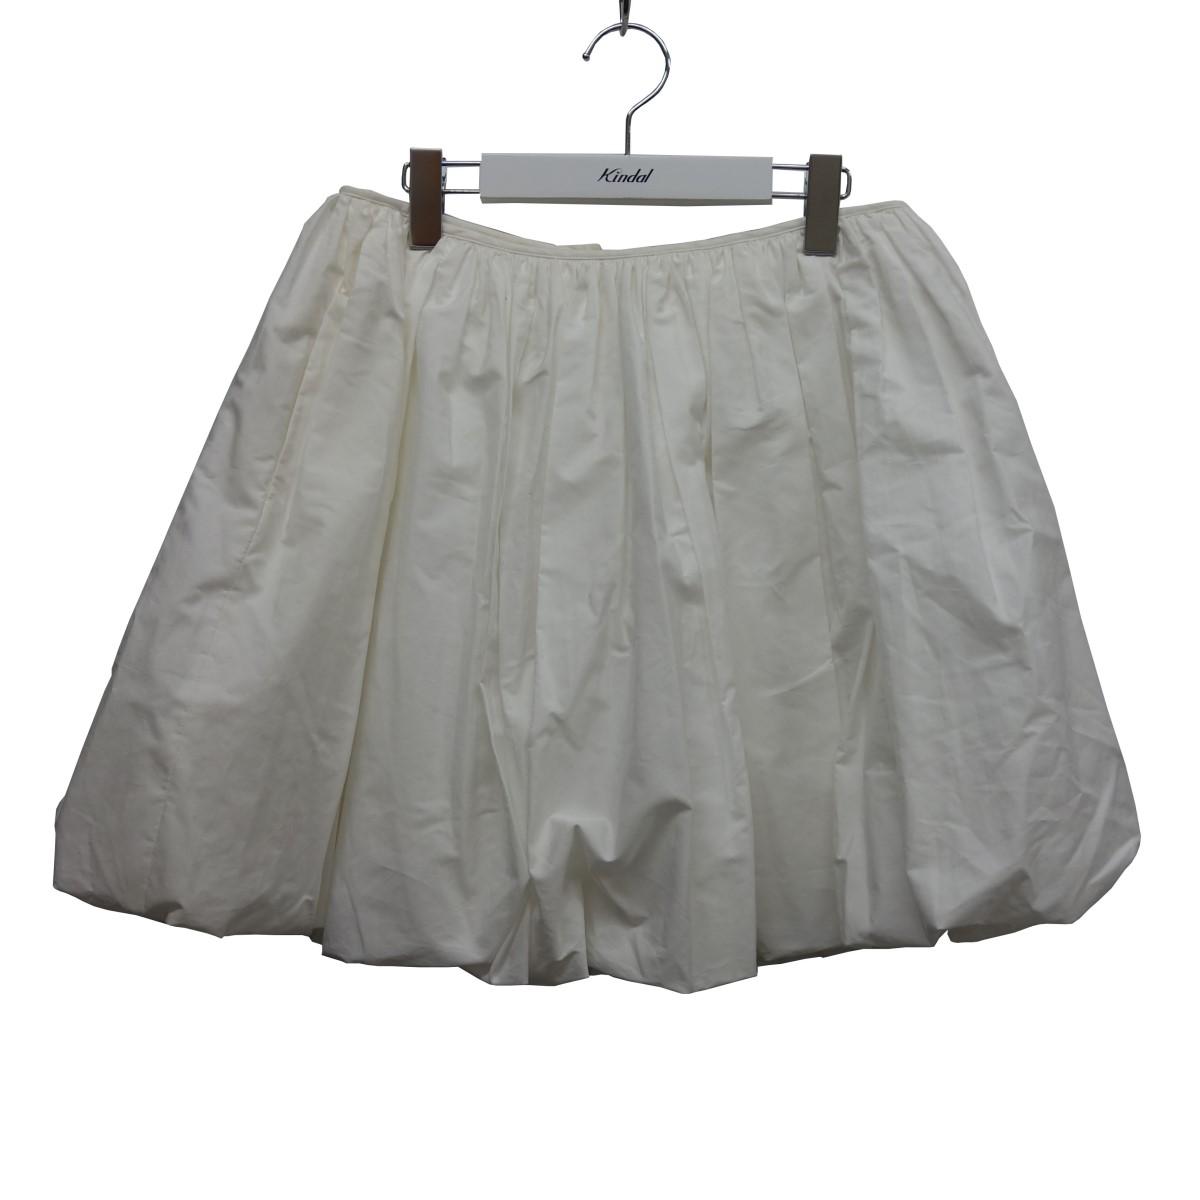 【中古】JIL SANDER バルーンスカート ホワイト サイズ:34 【220920】(ジルサンダー)